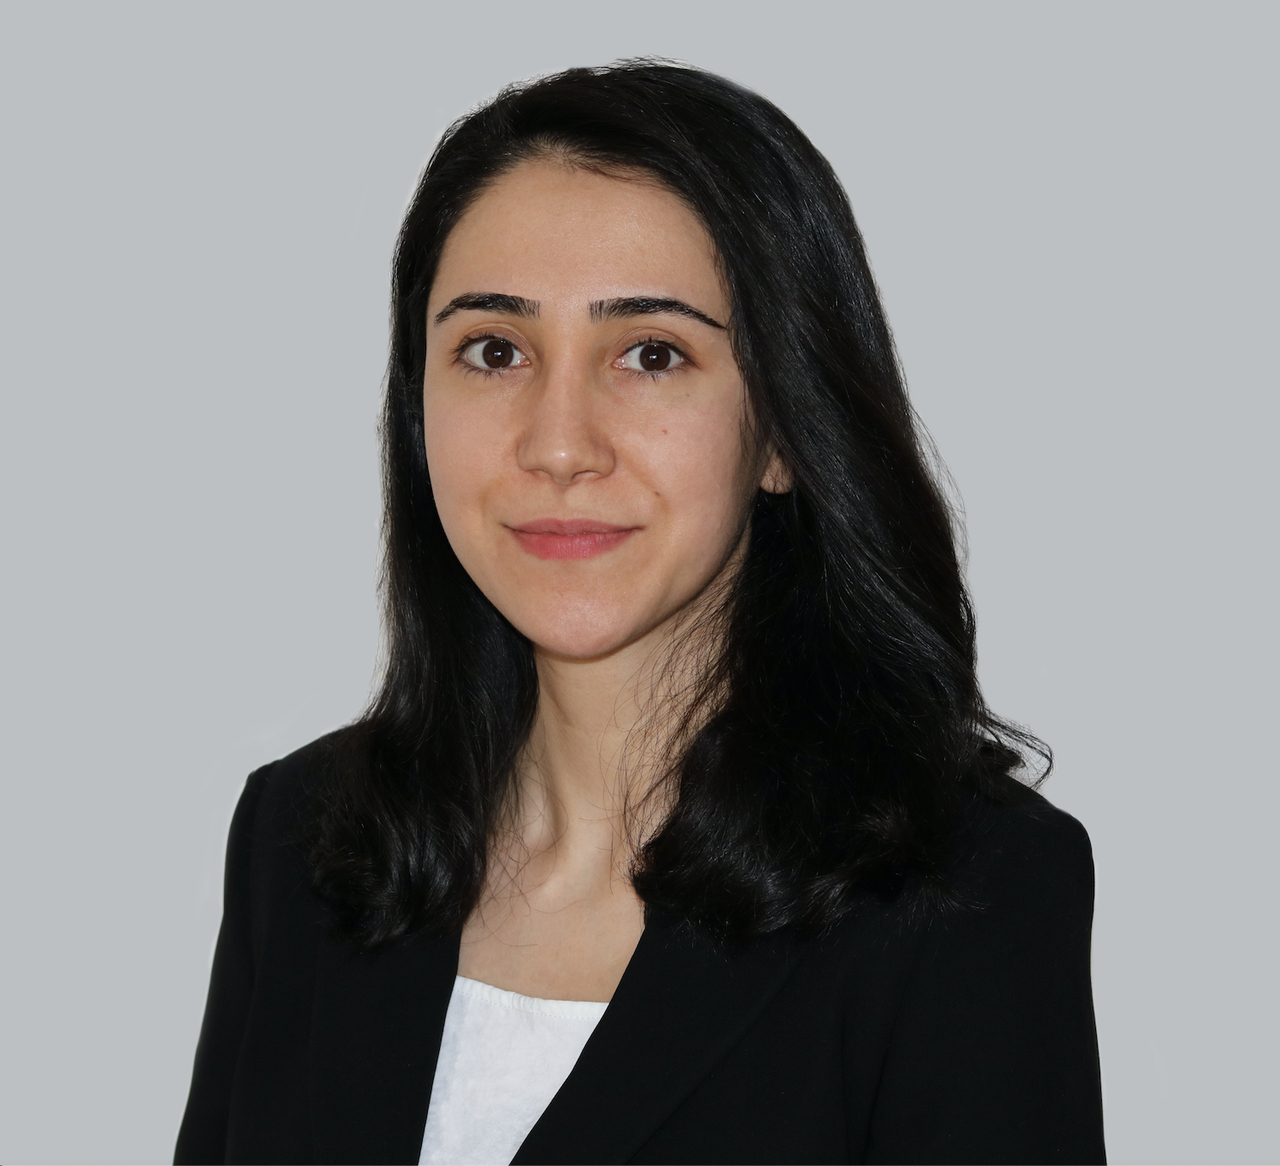 Shahana Bilalova